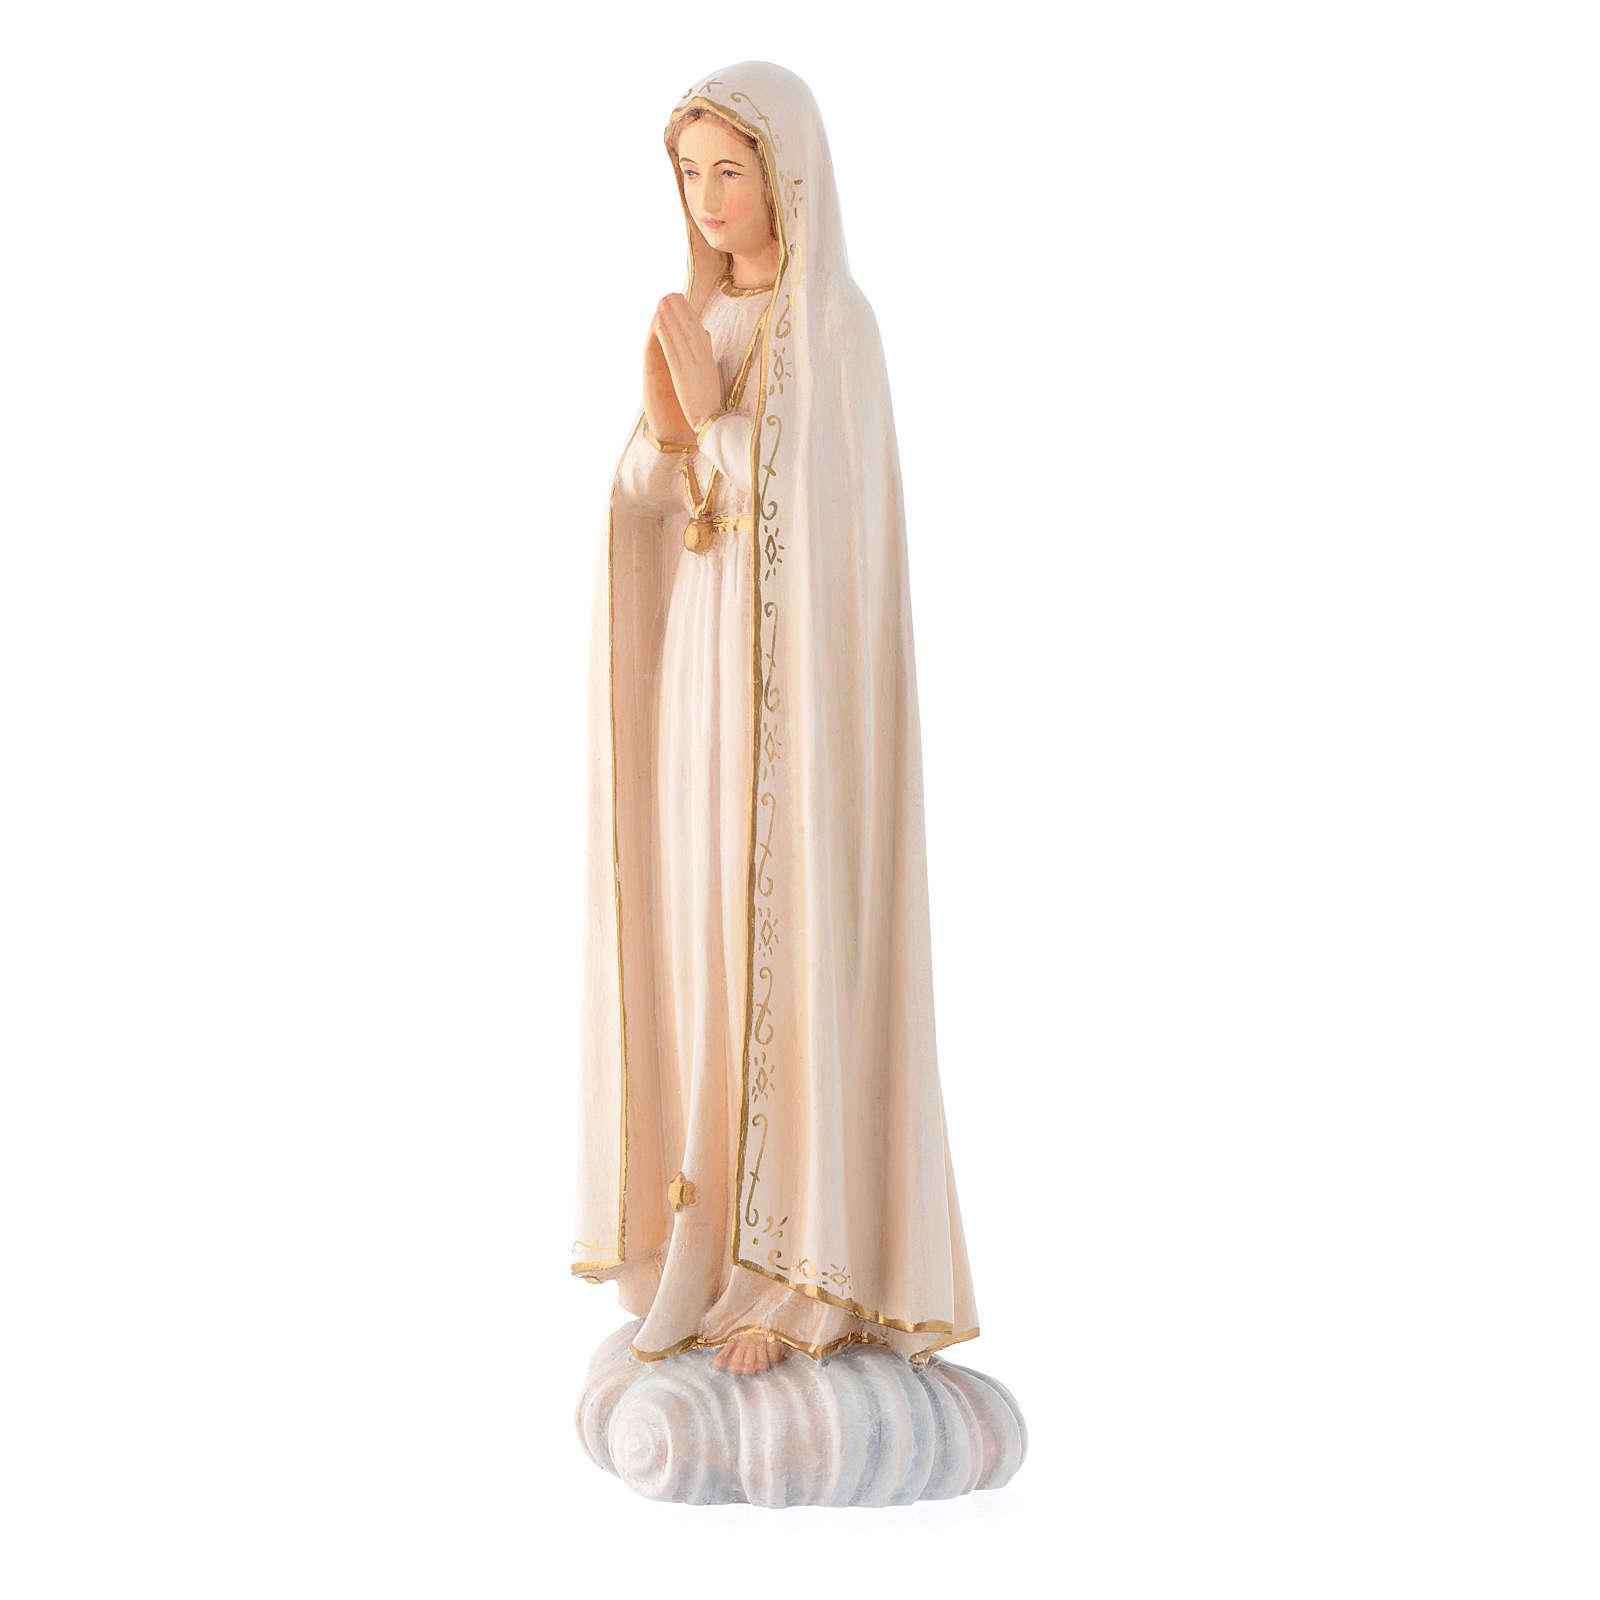 Imagen María Virgen de Fatima madera Valgardena pintada 4